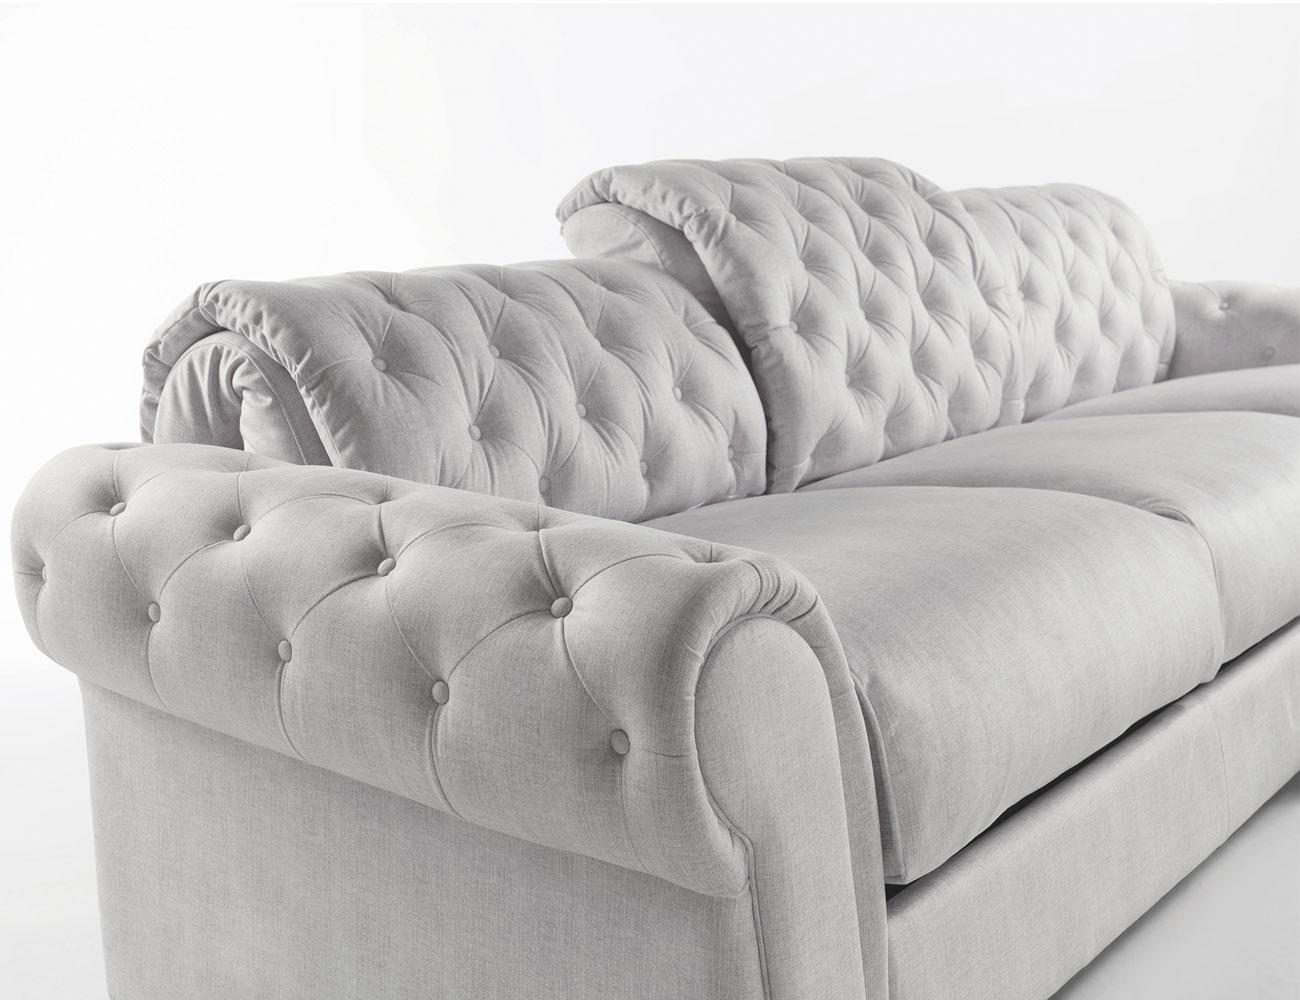 Sofa chaiselongue gran lujo decorativo capitone blanco tela 119